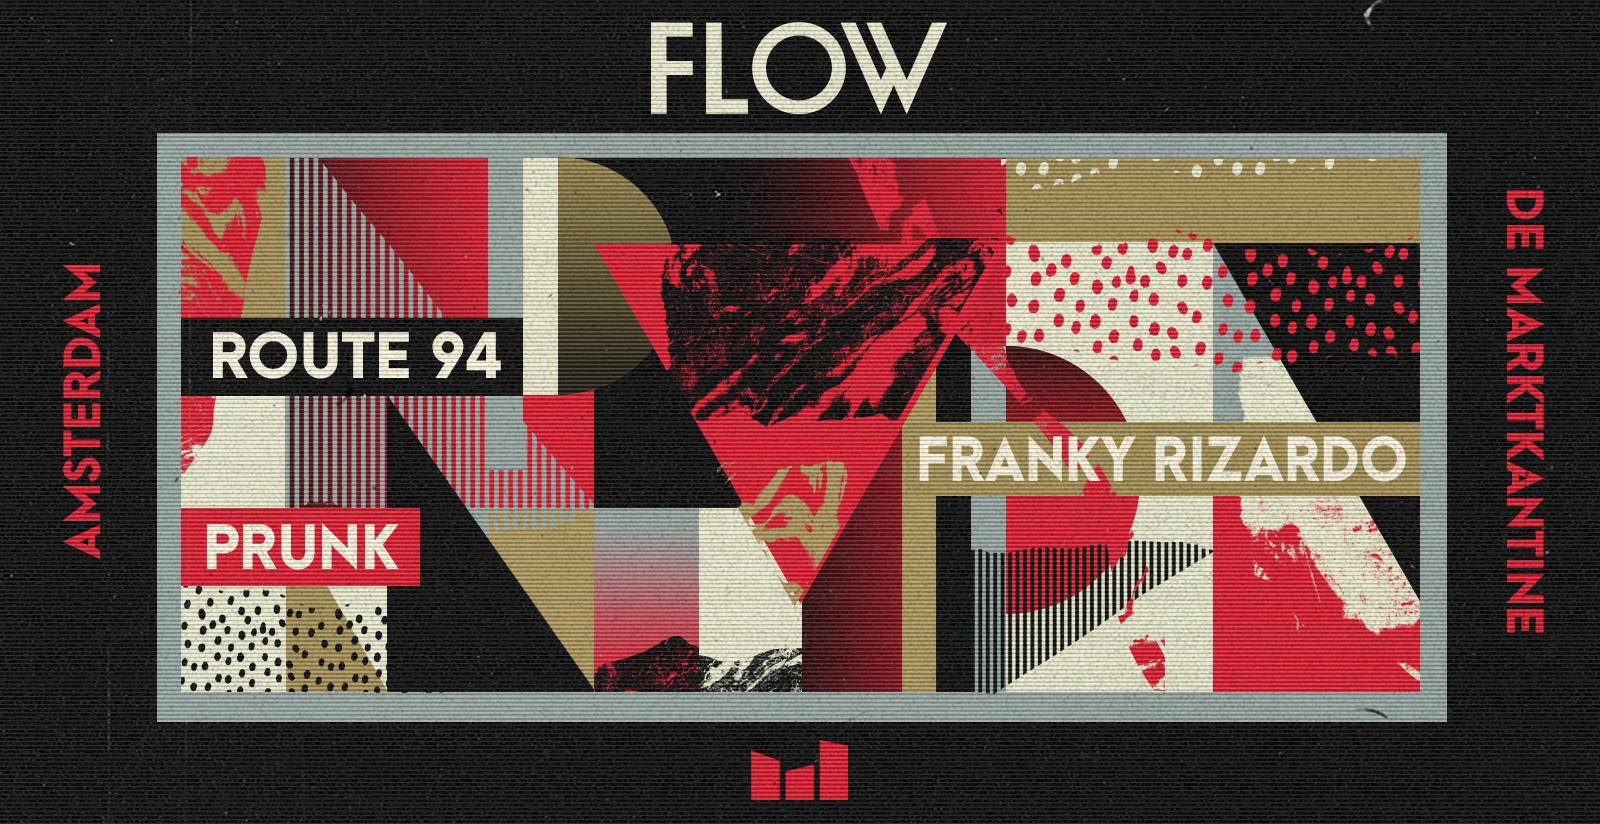 flow_mk_fb_2019_4.jpg